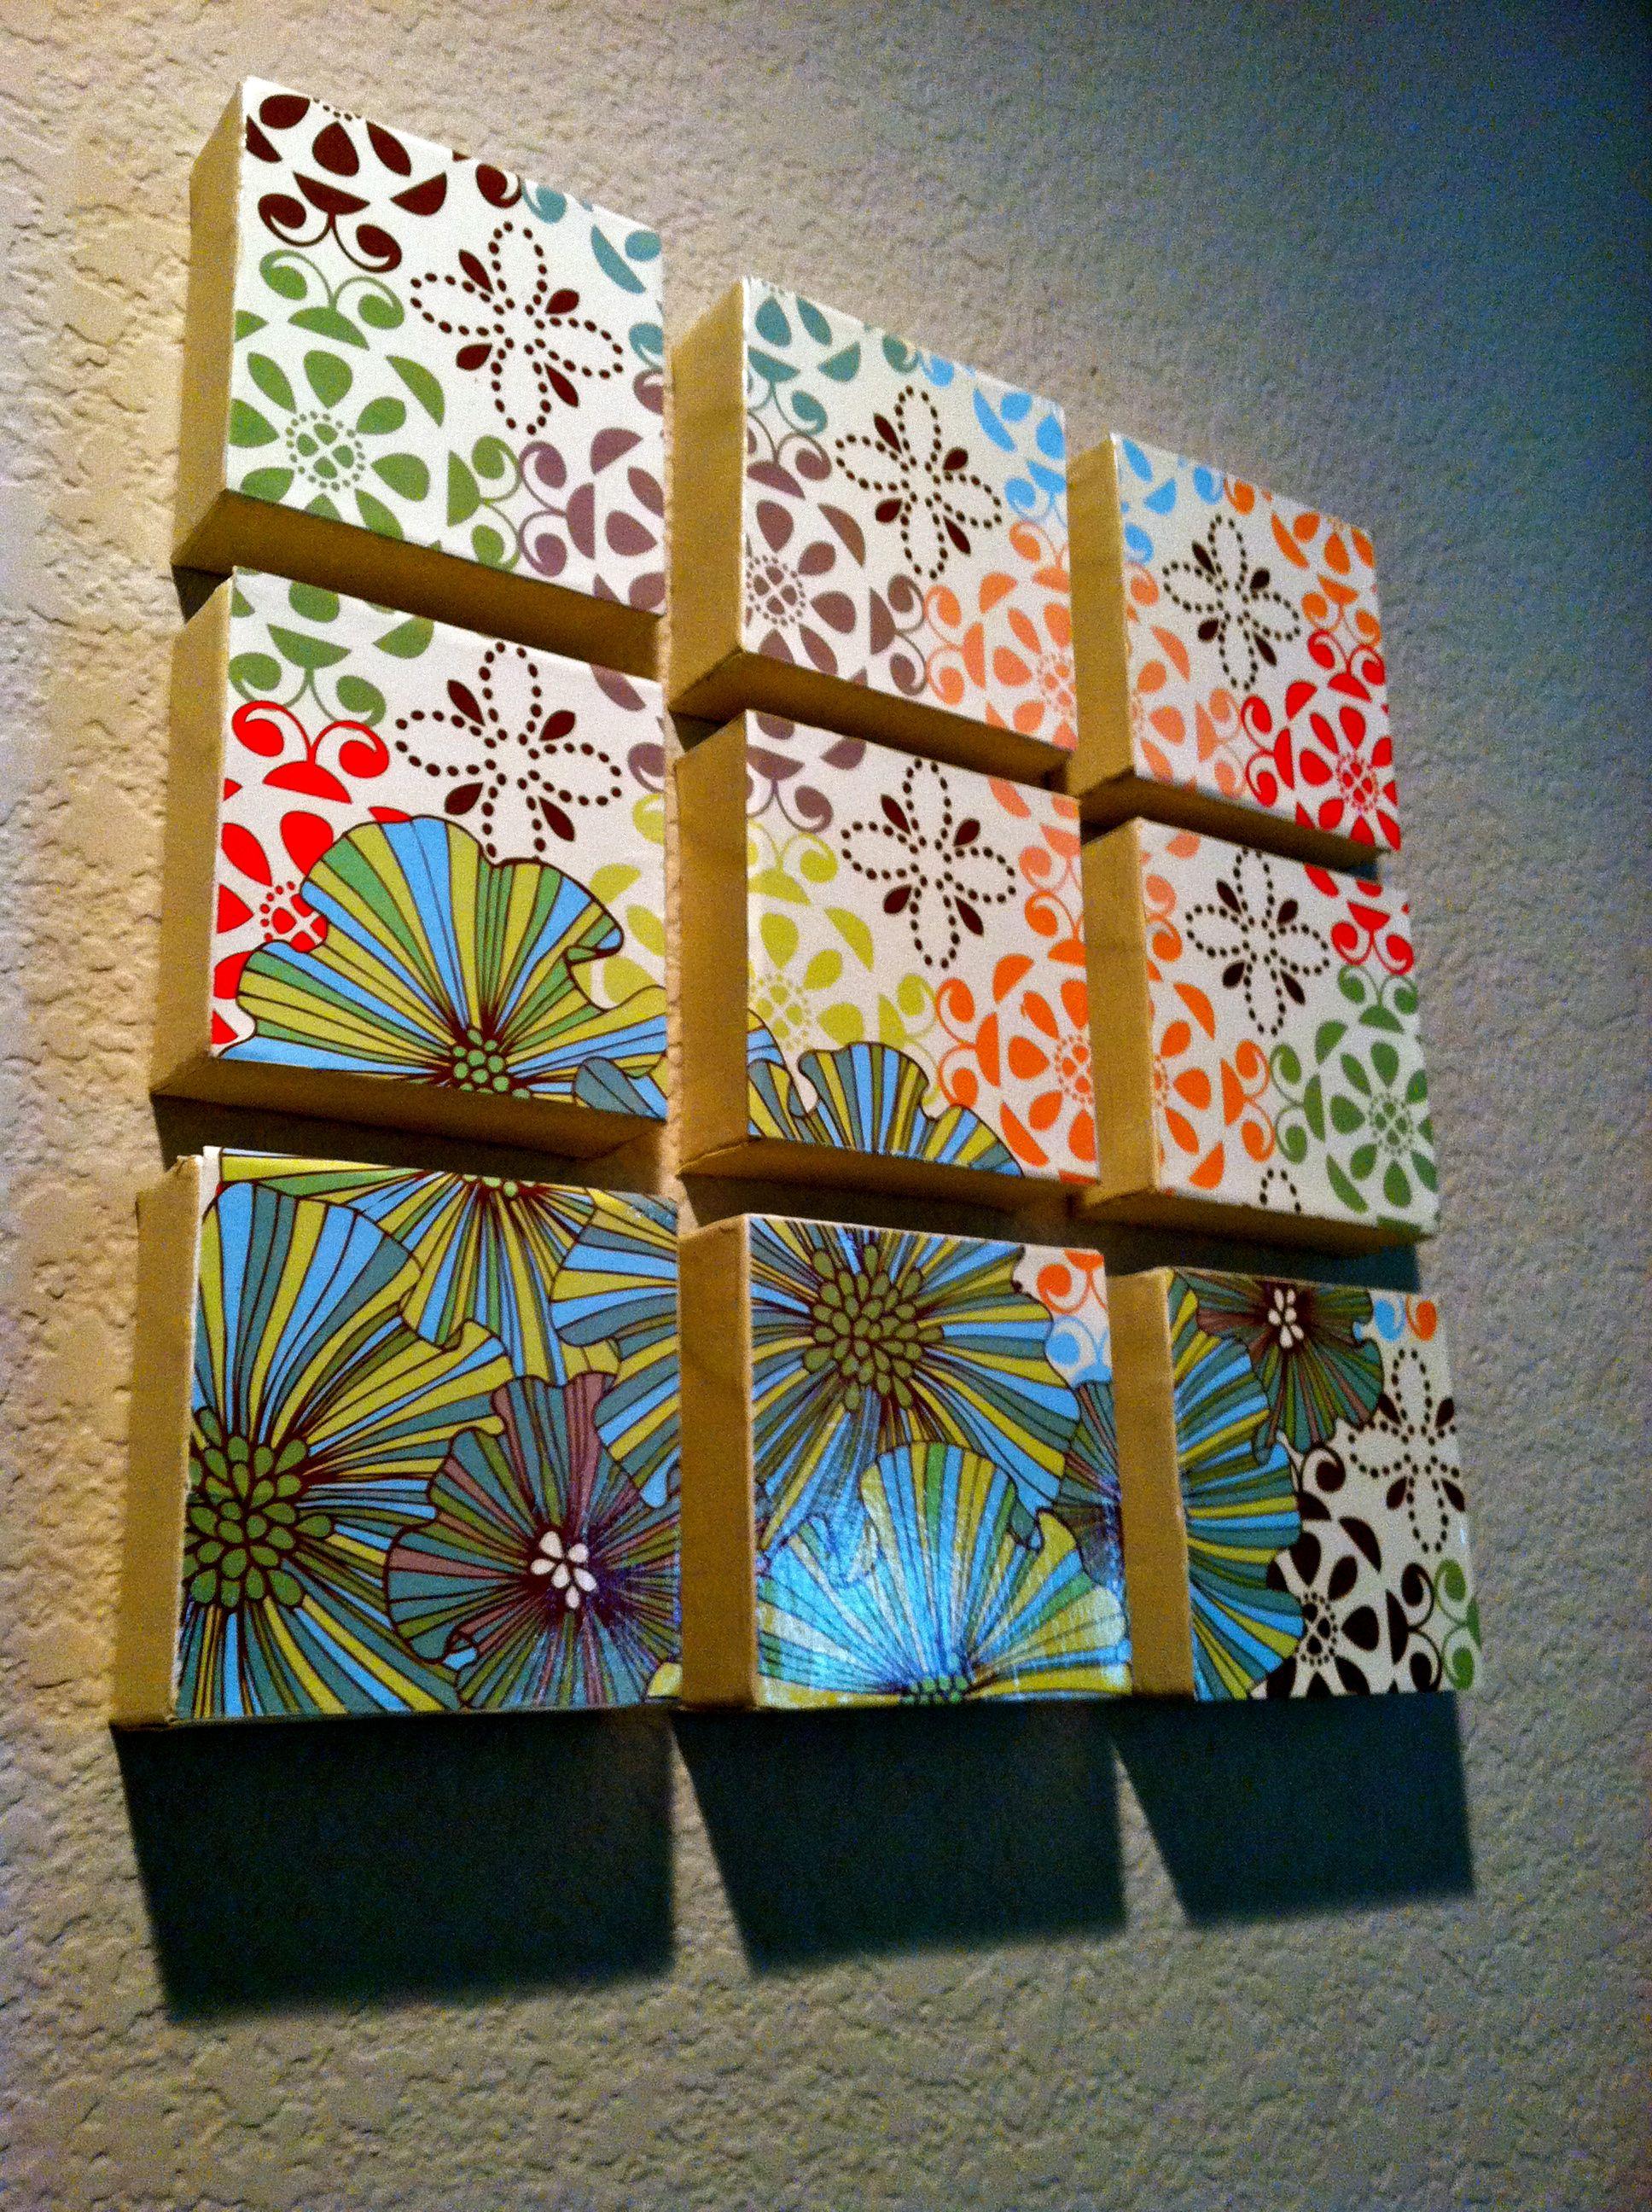 Scrapbook paper diy - Diy Home Decor 1 Choose 12x12 Scrapbook Paper 2 Cut Into 4x4